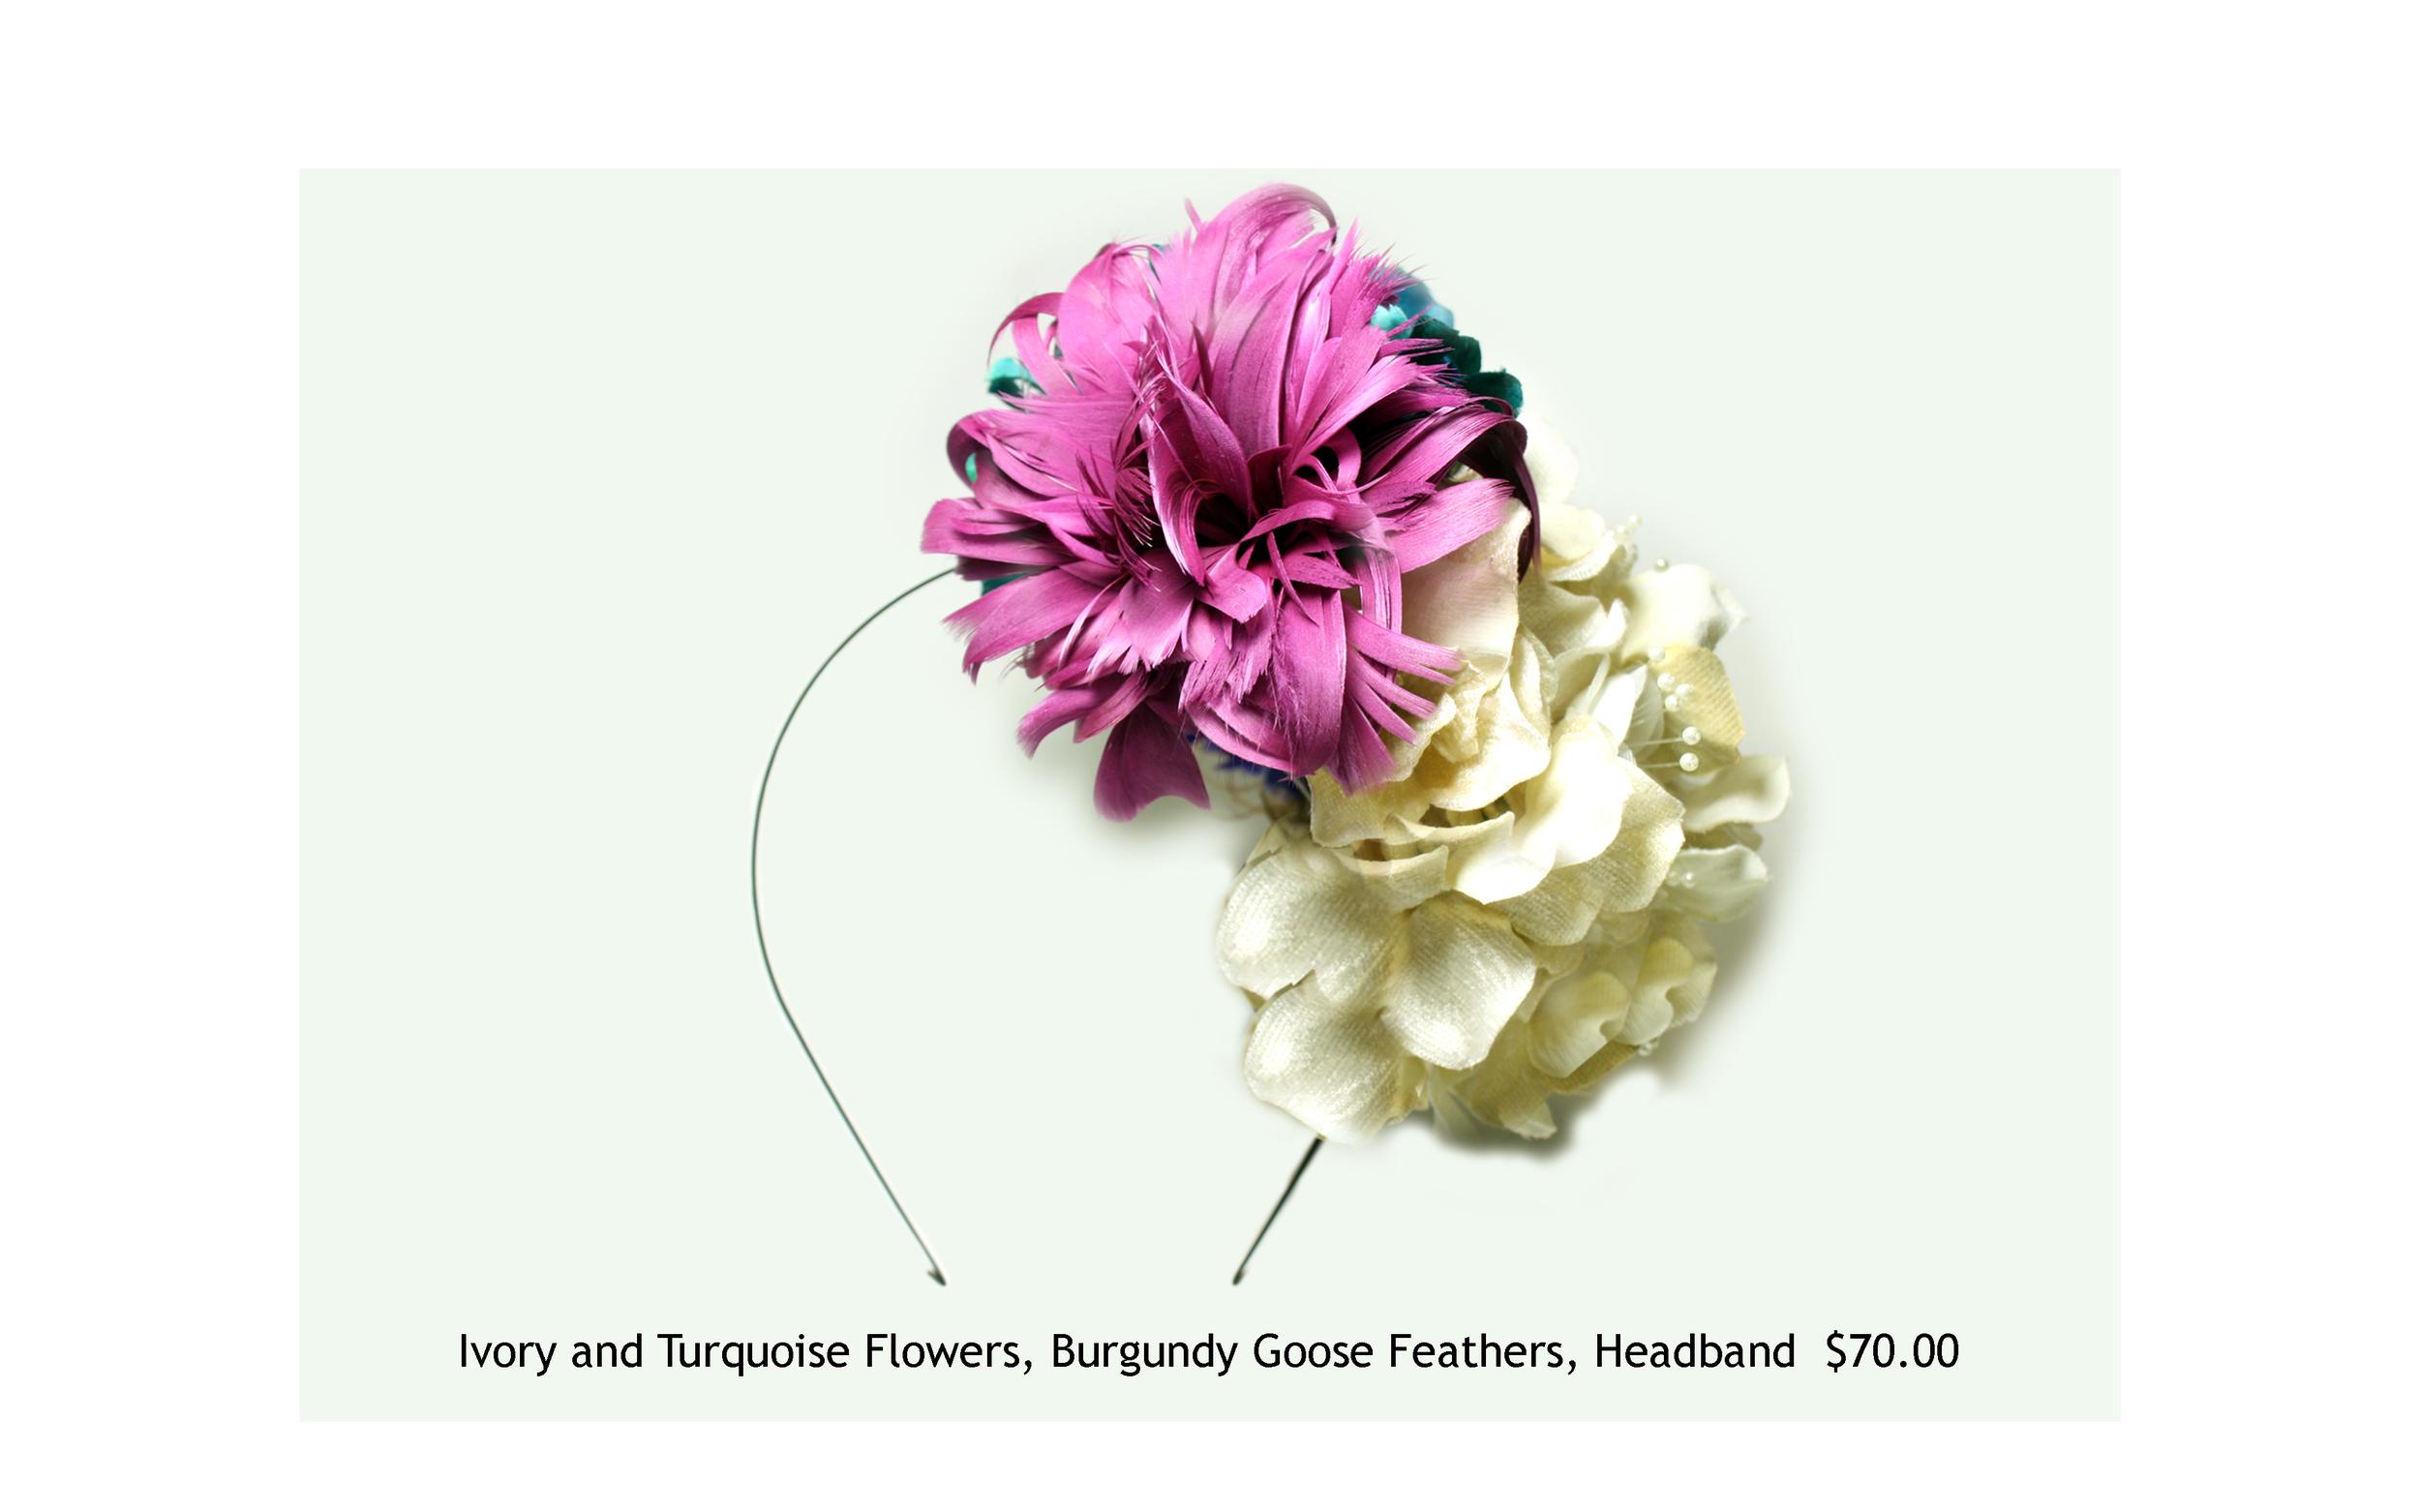 diademas de plumas y flores pag web copy.jpg